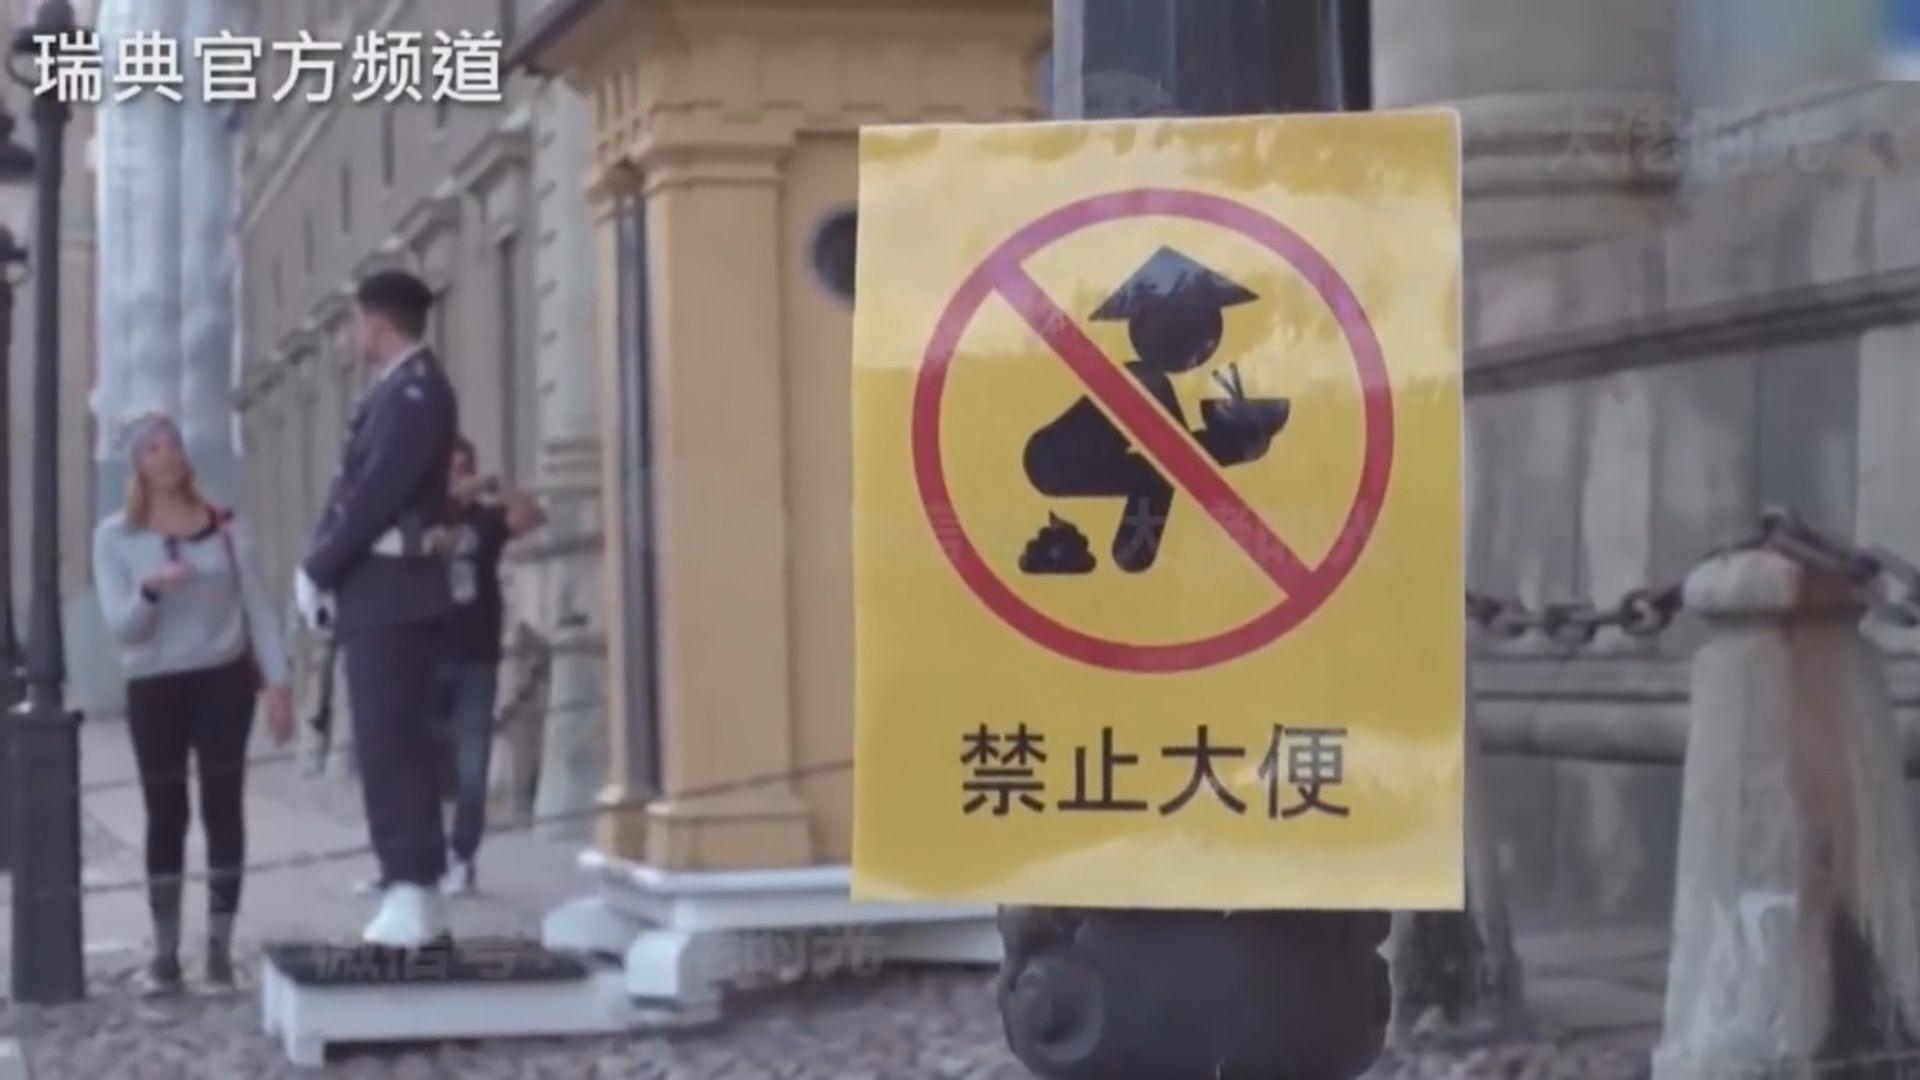 中方抗議瑞典電視台節目辱華